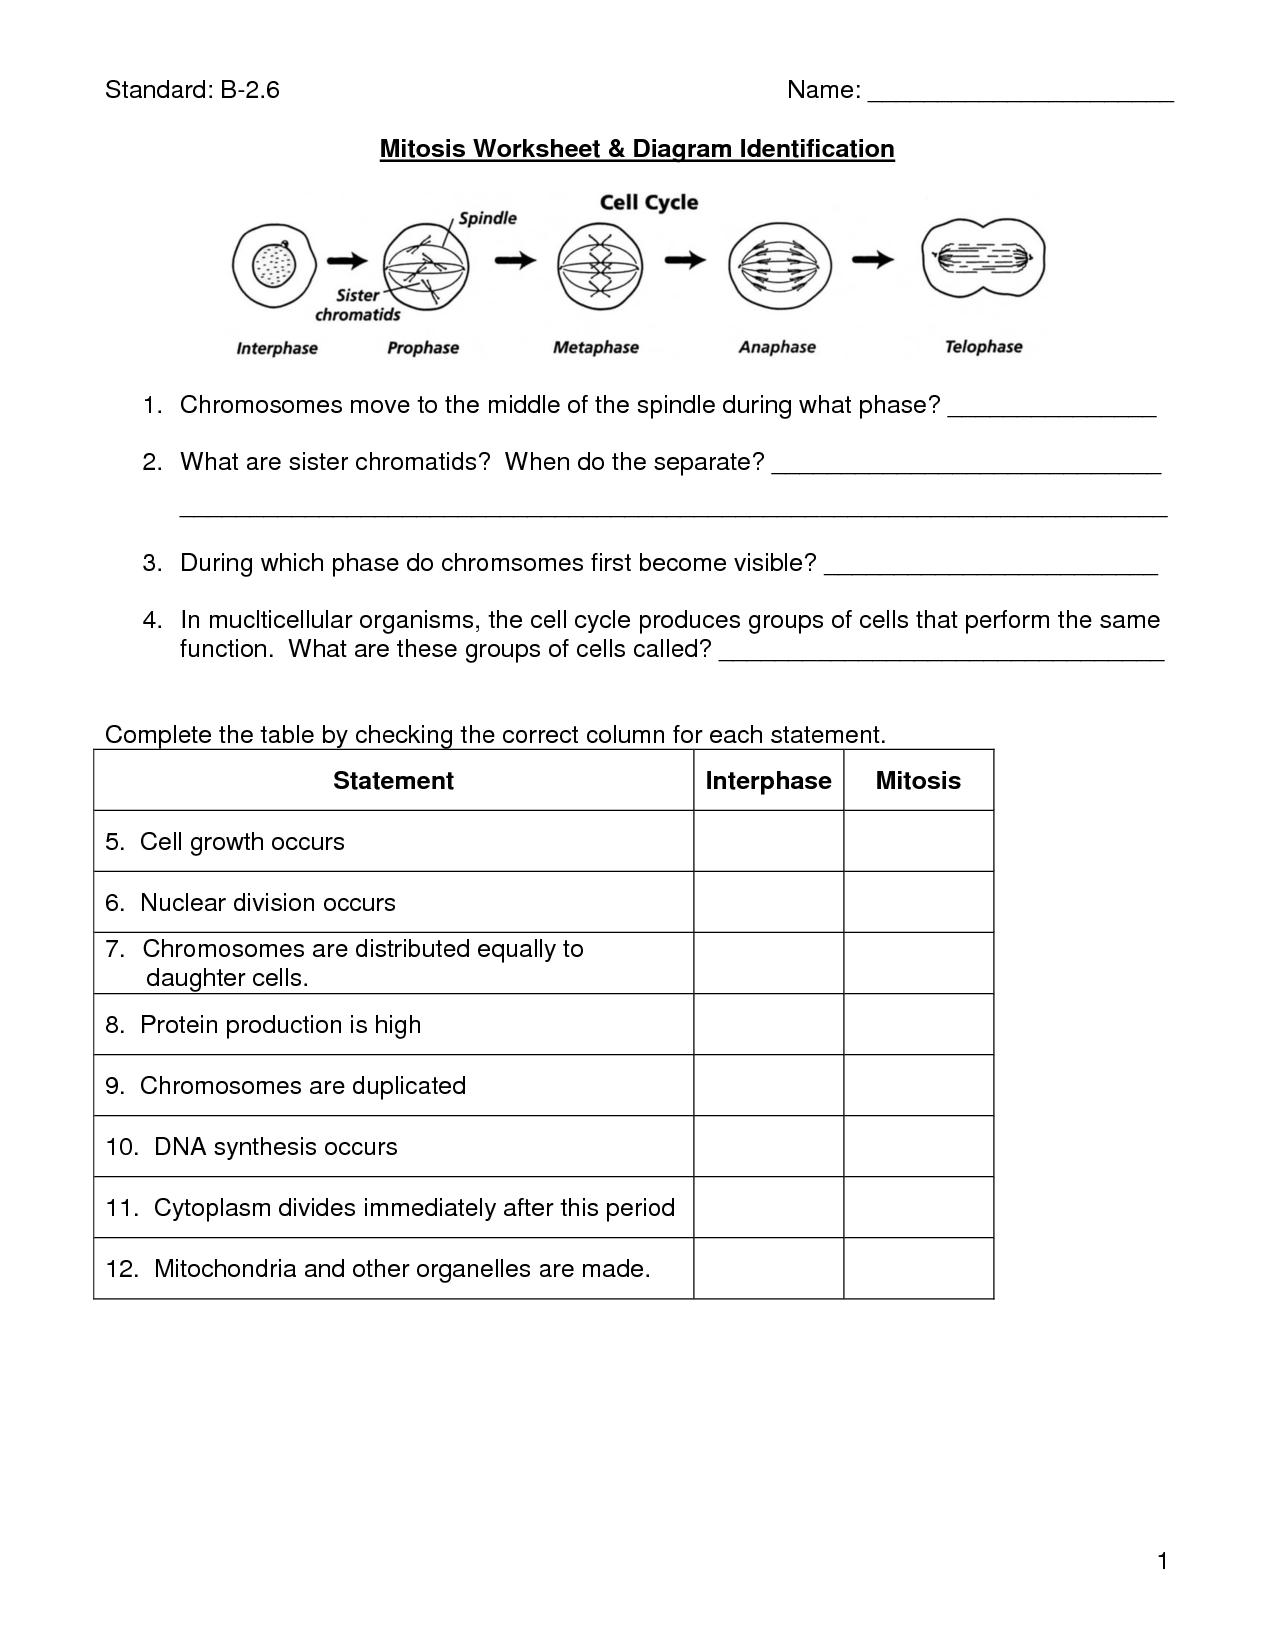 Mitosis Diagram Identification Sheet